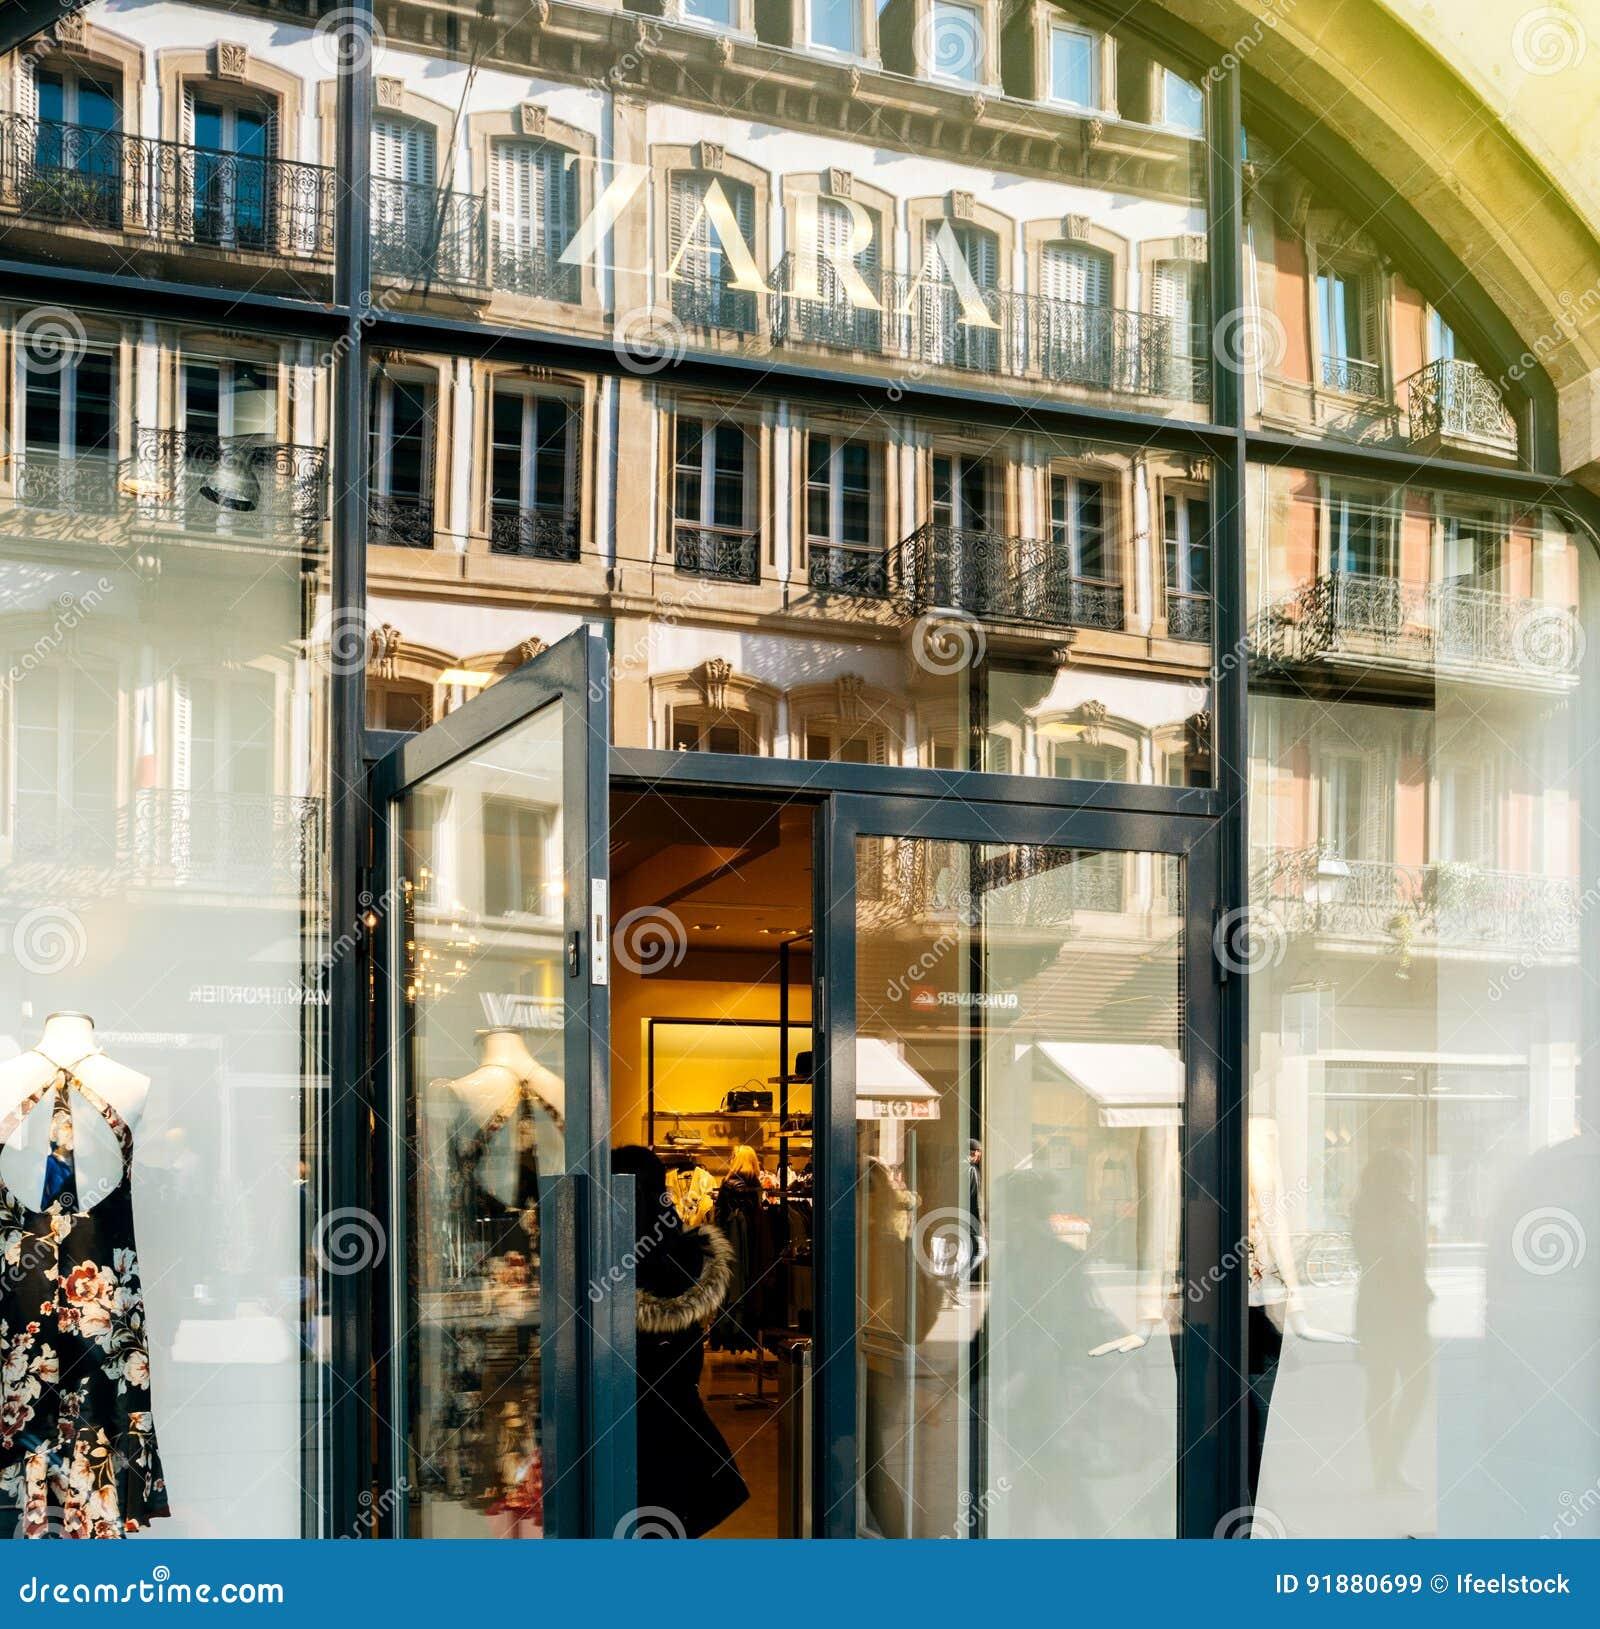 f042b86e12c8b Magasin Entrant De Femme D'entrée De Zara Store Image stock ...